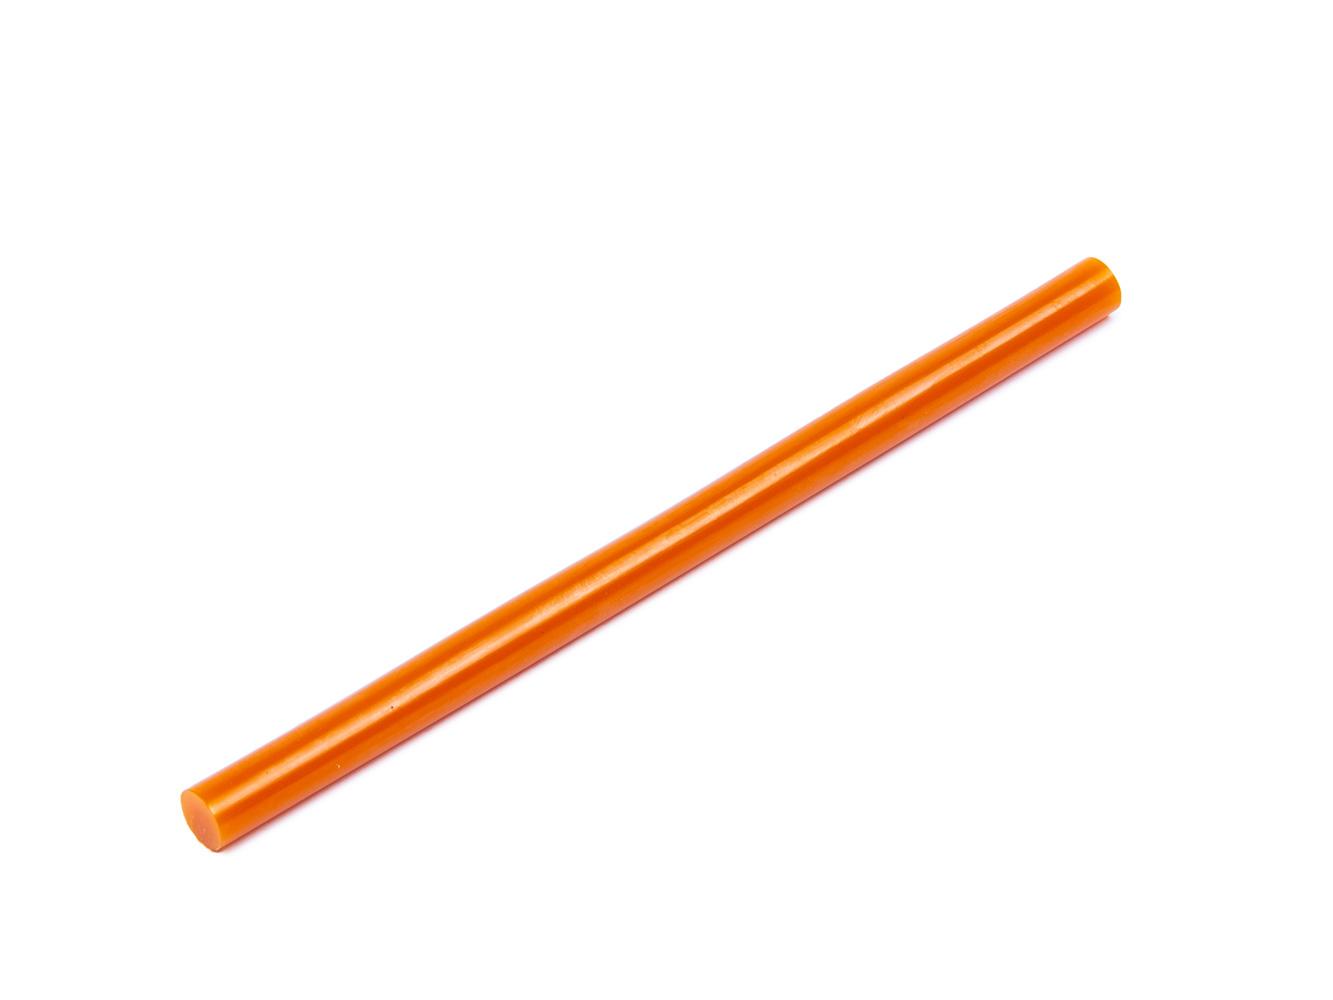 Tyčinka do tavné pistole oranžová průměr 11mm 1ks